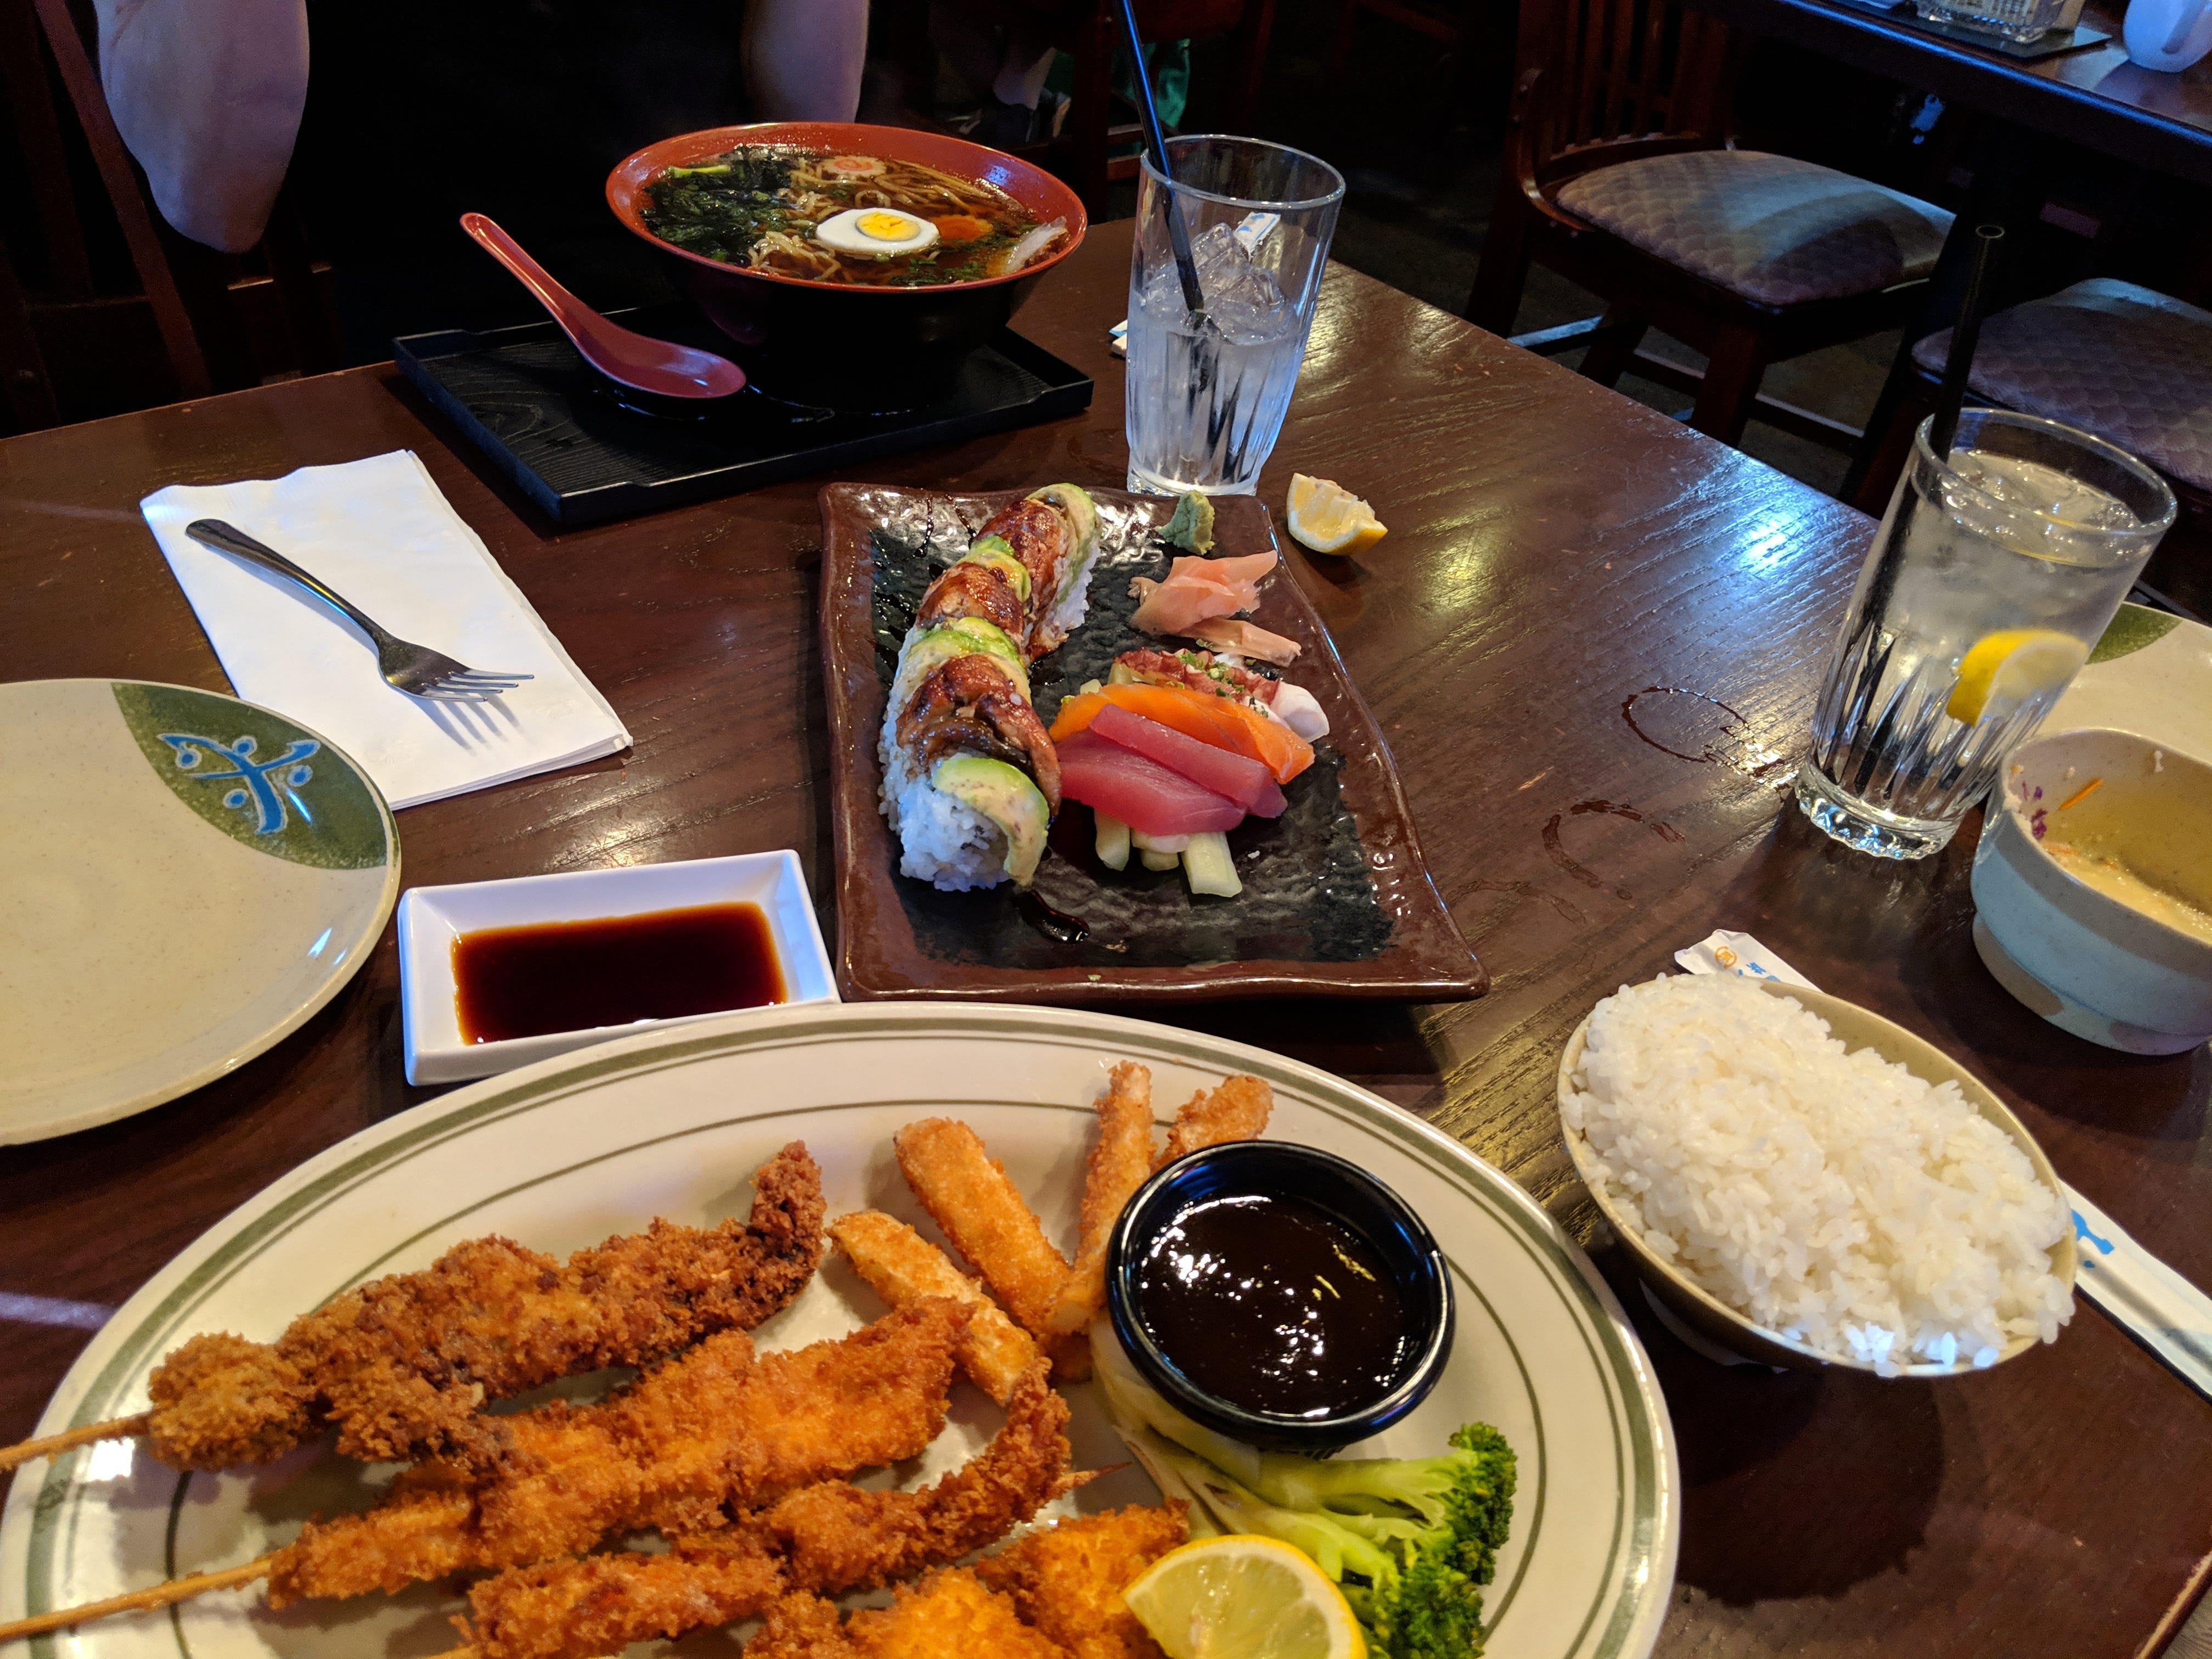 The Lunch Bunch's lunch of kushi katsu, ramen and sushi at Samurai of Tokyo.